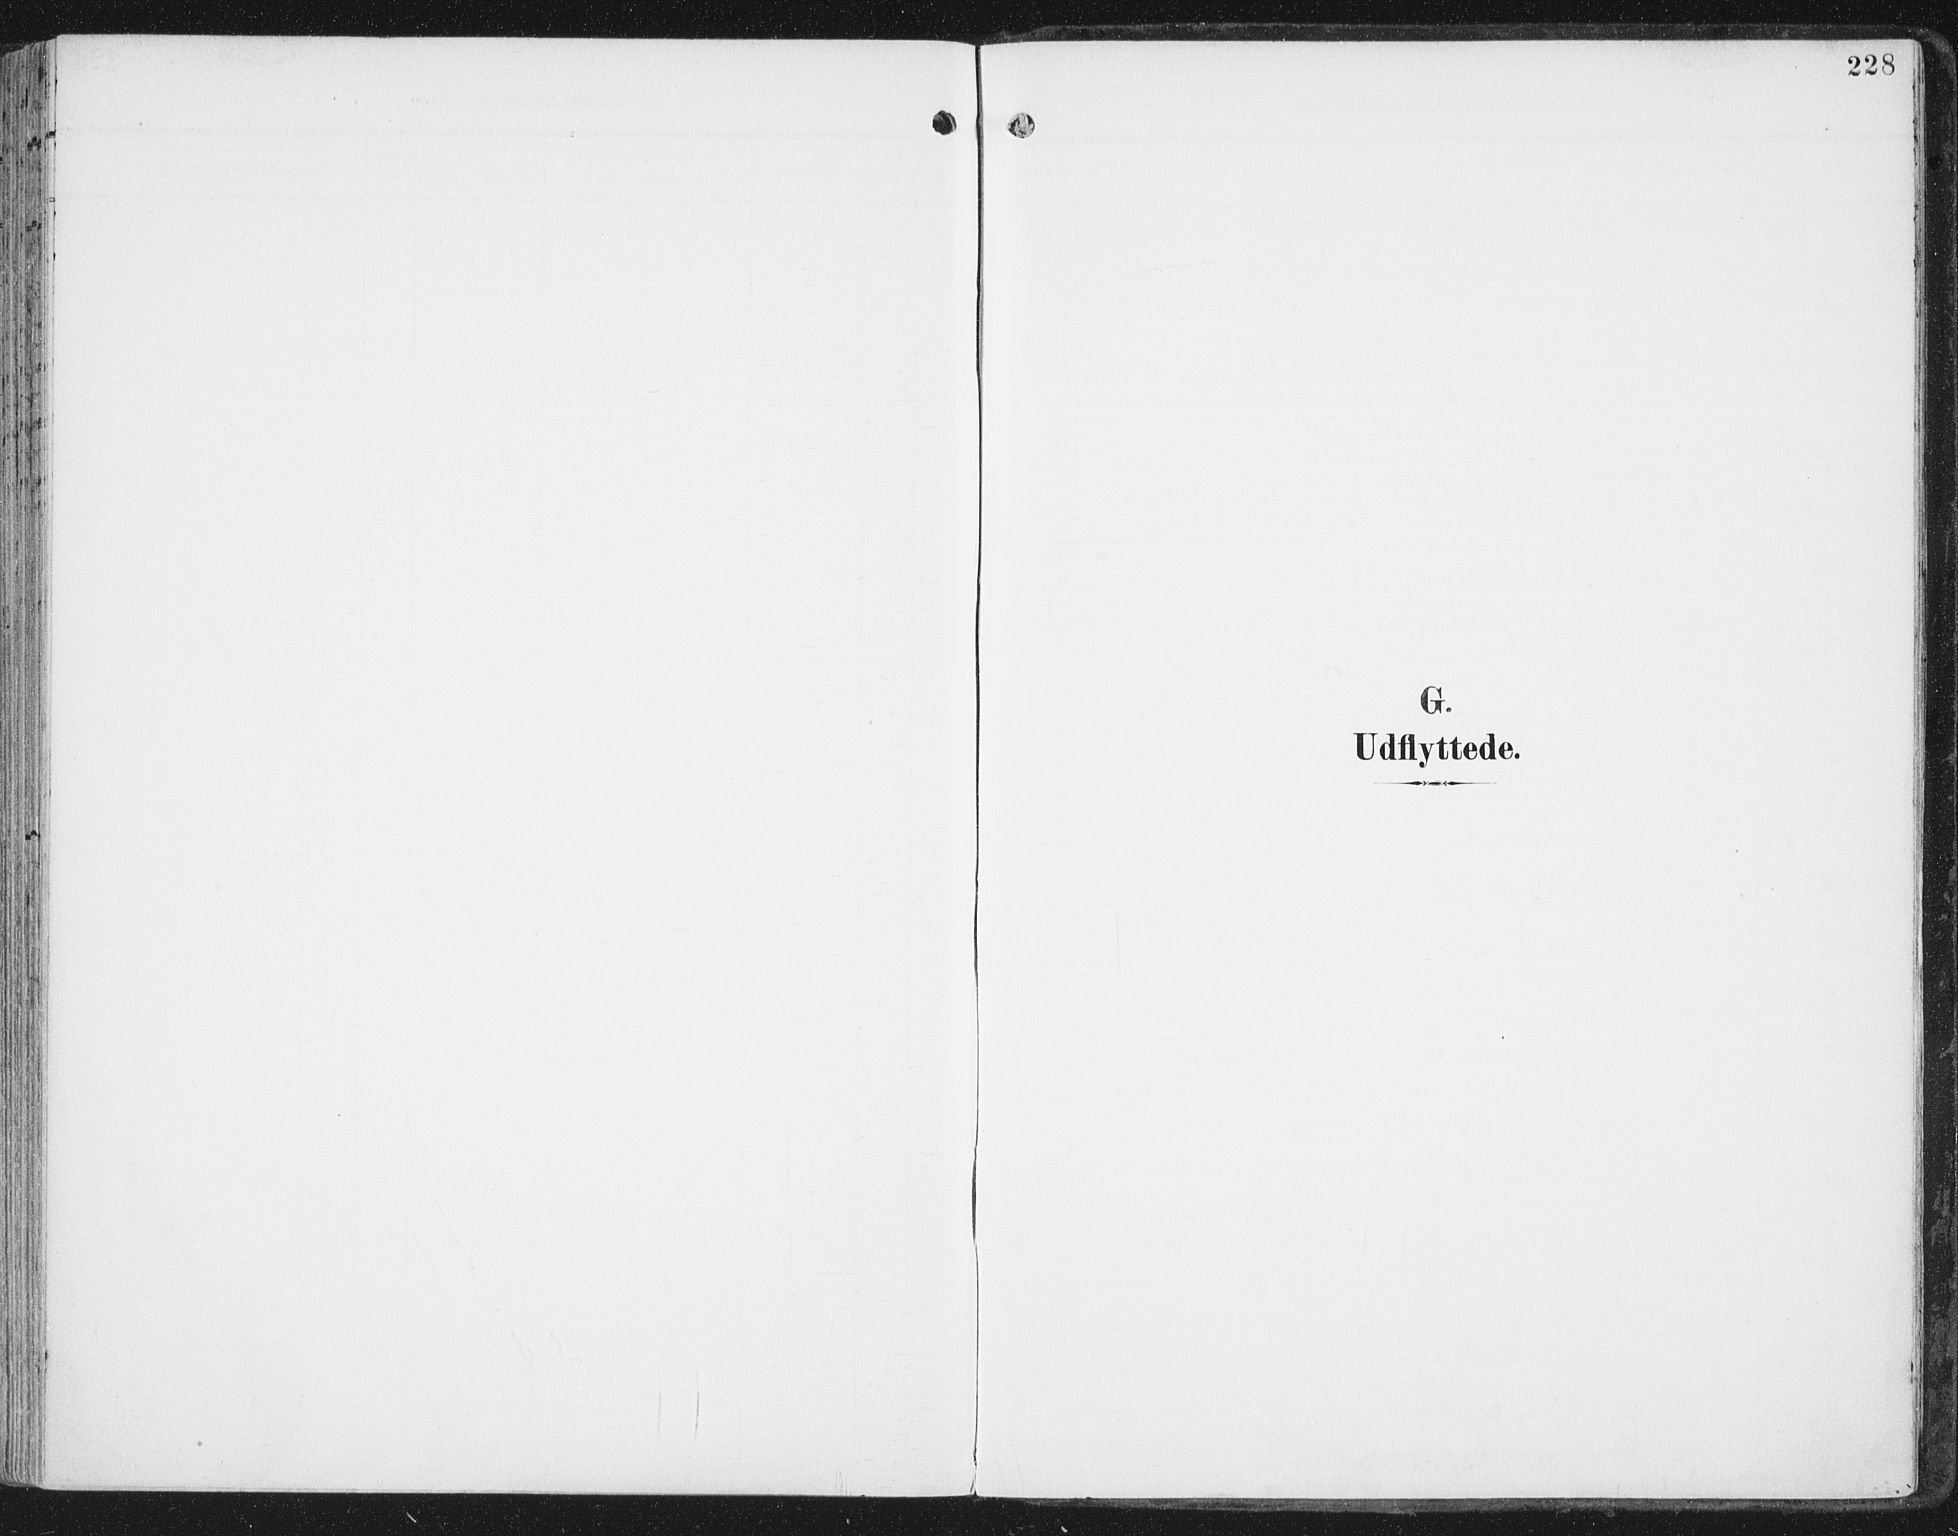 SAT, Ministerialprotokoller, klokkerbøker og fødselsregistre - Nord-Trøndelag, 786/L0688: Ministerialbok nr. 786A04, 1899-1912, s. 228